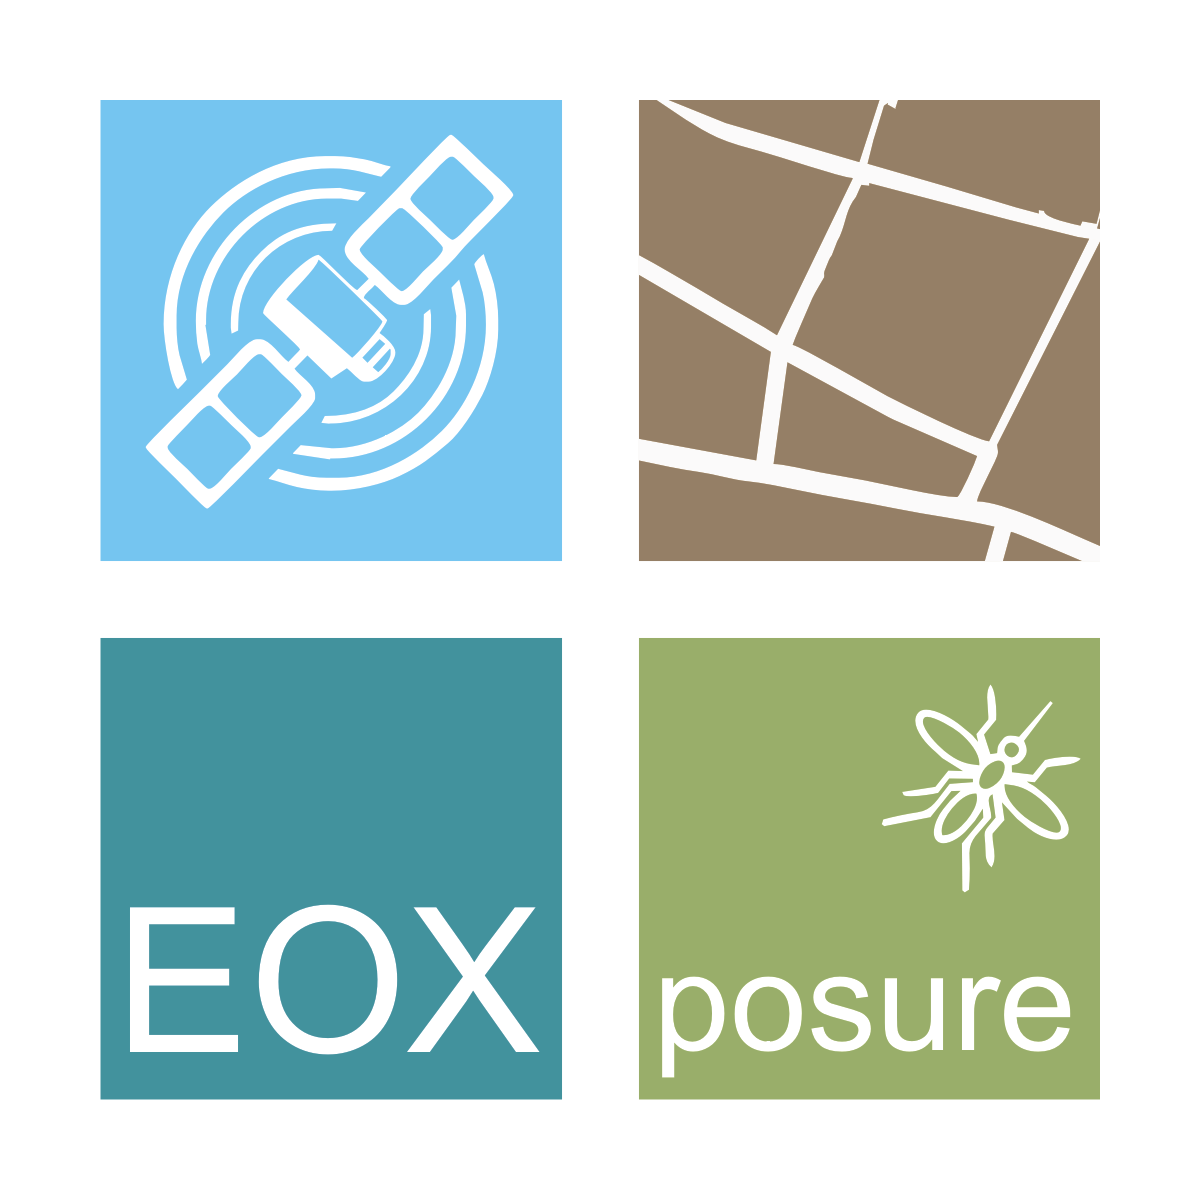 EOXPOSURE